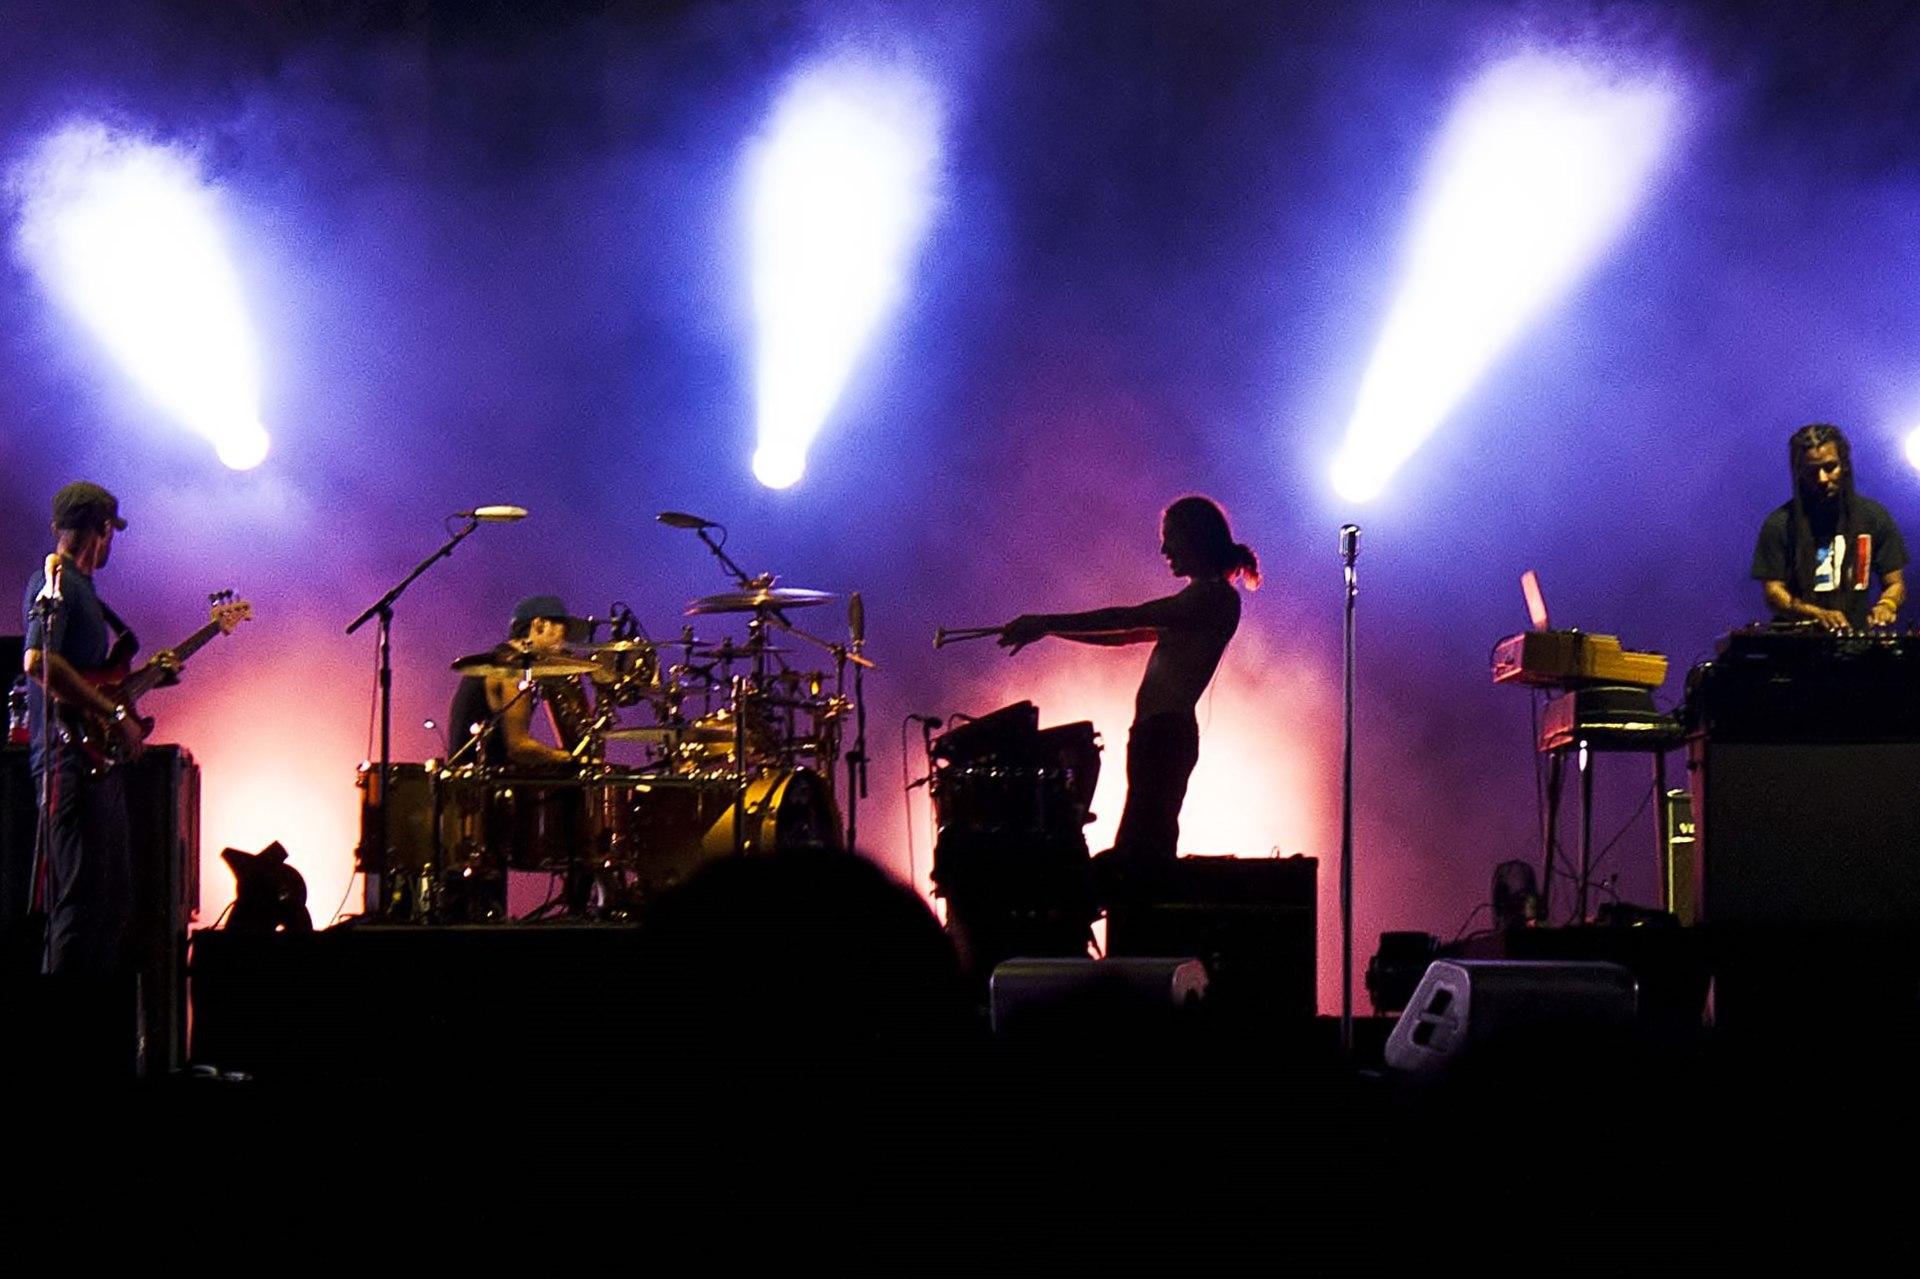 Incubus (band) - Wikipedia